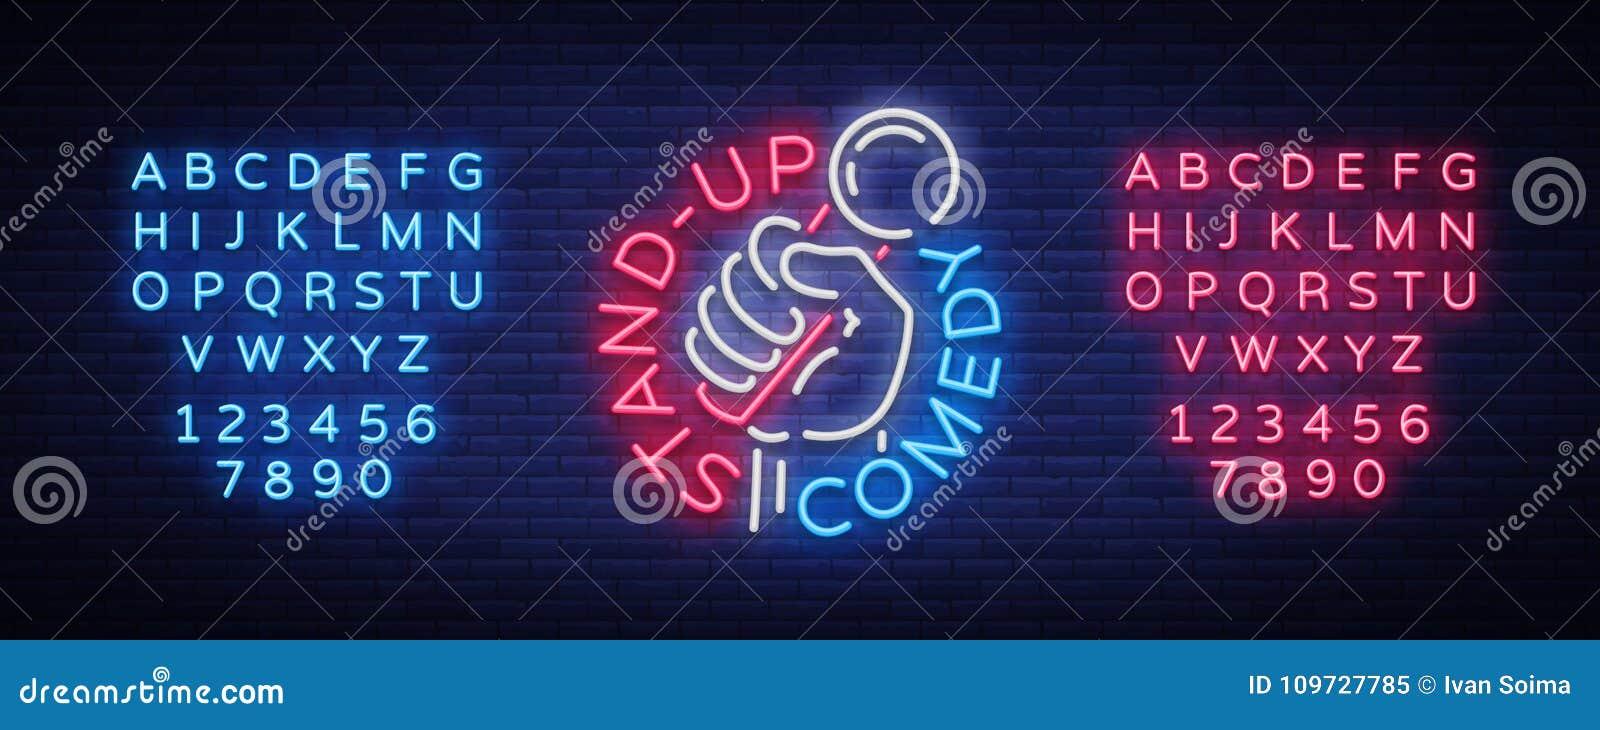 Komödie stehen oben Einladung ist eine Leuchtreklame Logo, heller Flieger des Emblems, helles Plakat, Neonfahne, Nachtwerbungen